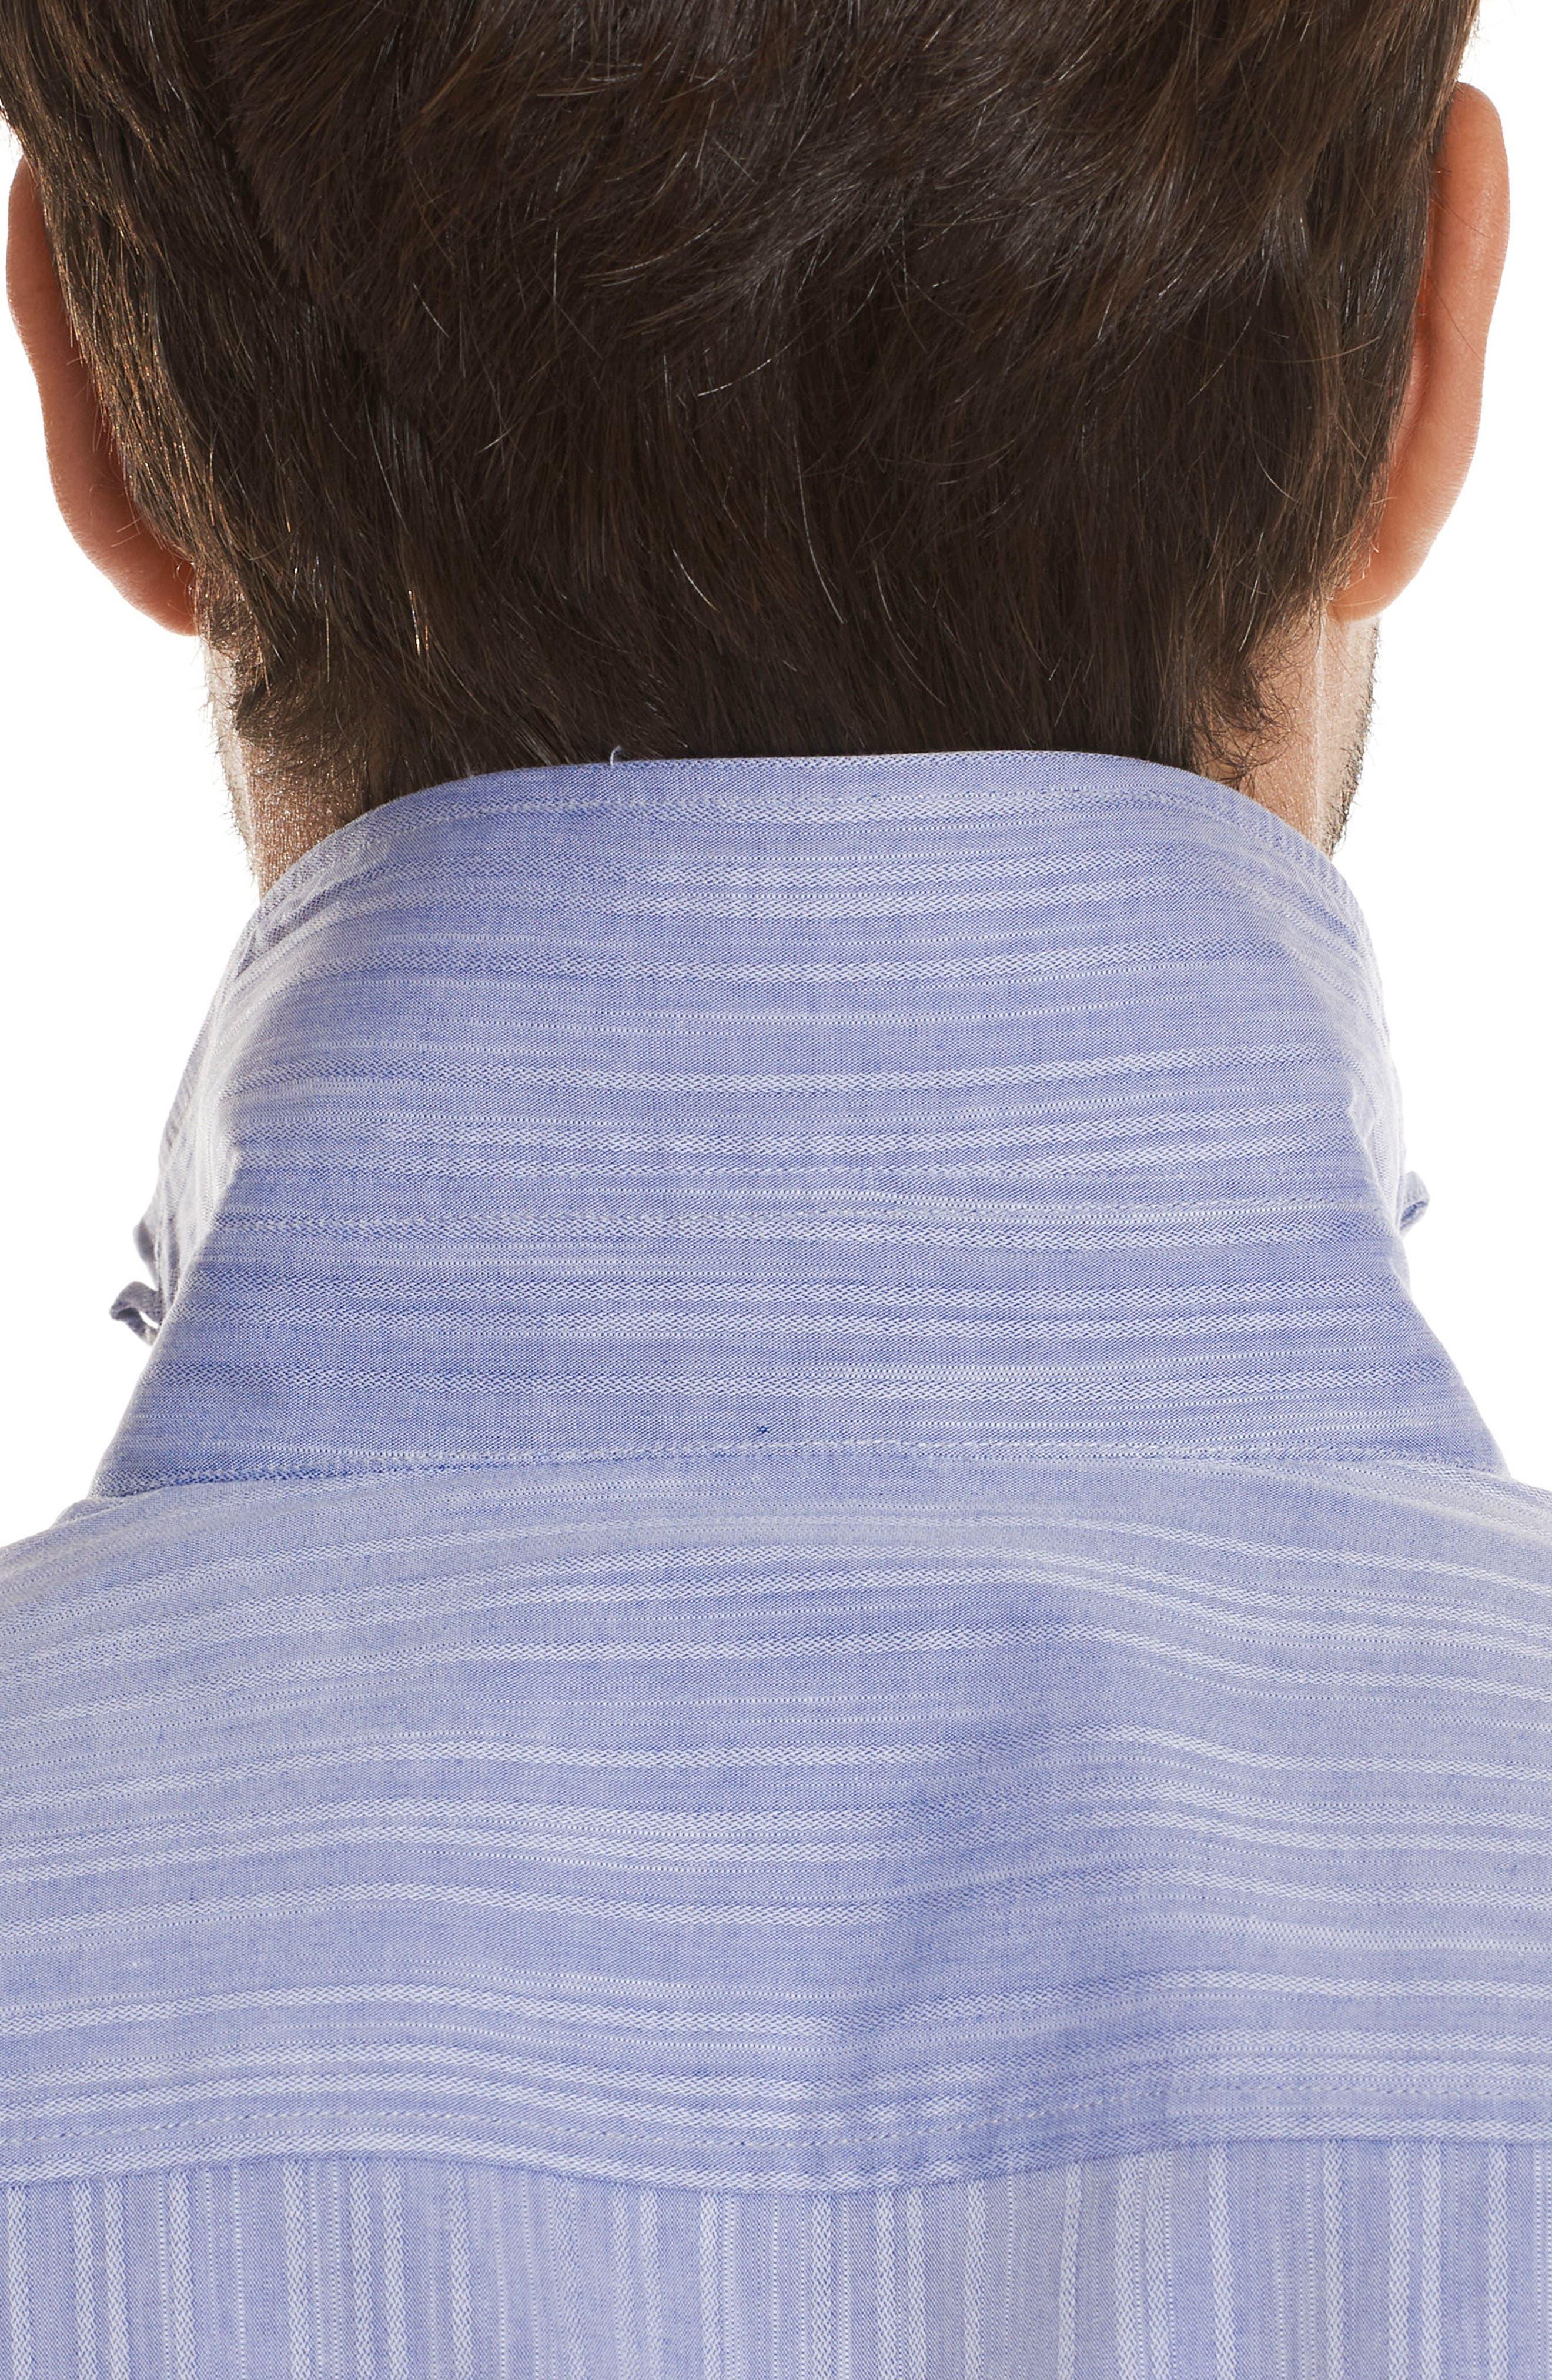 Livingston Regular Fit Short Sleeve Sport Shirt,                             Alternate thumbnail 6, color,